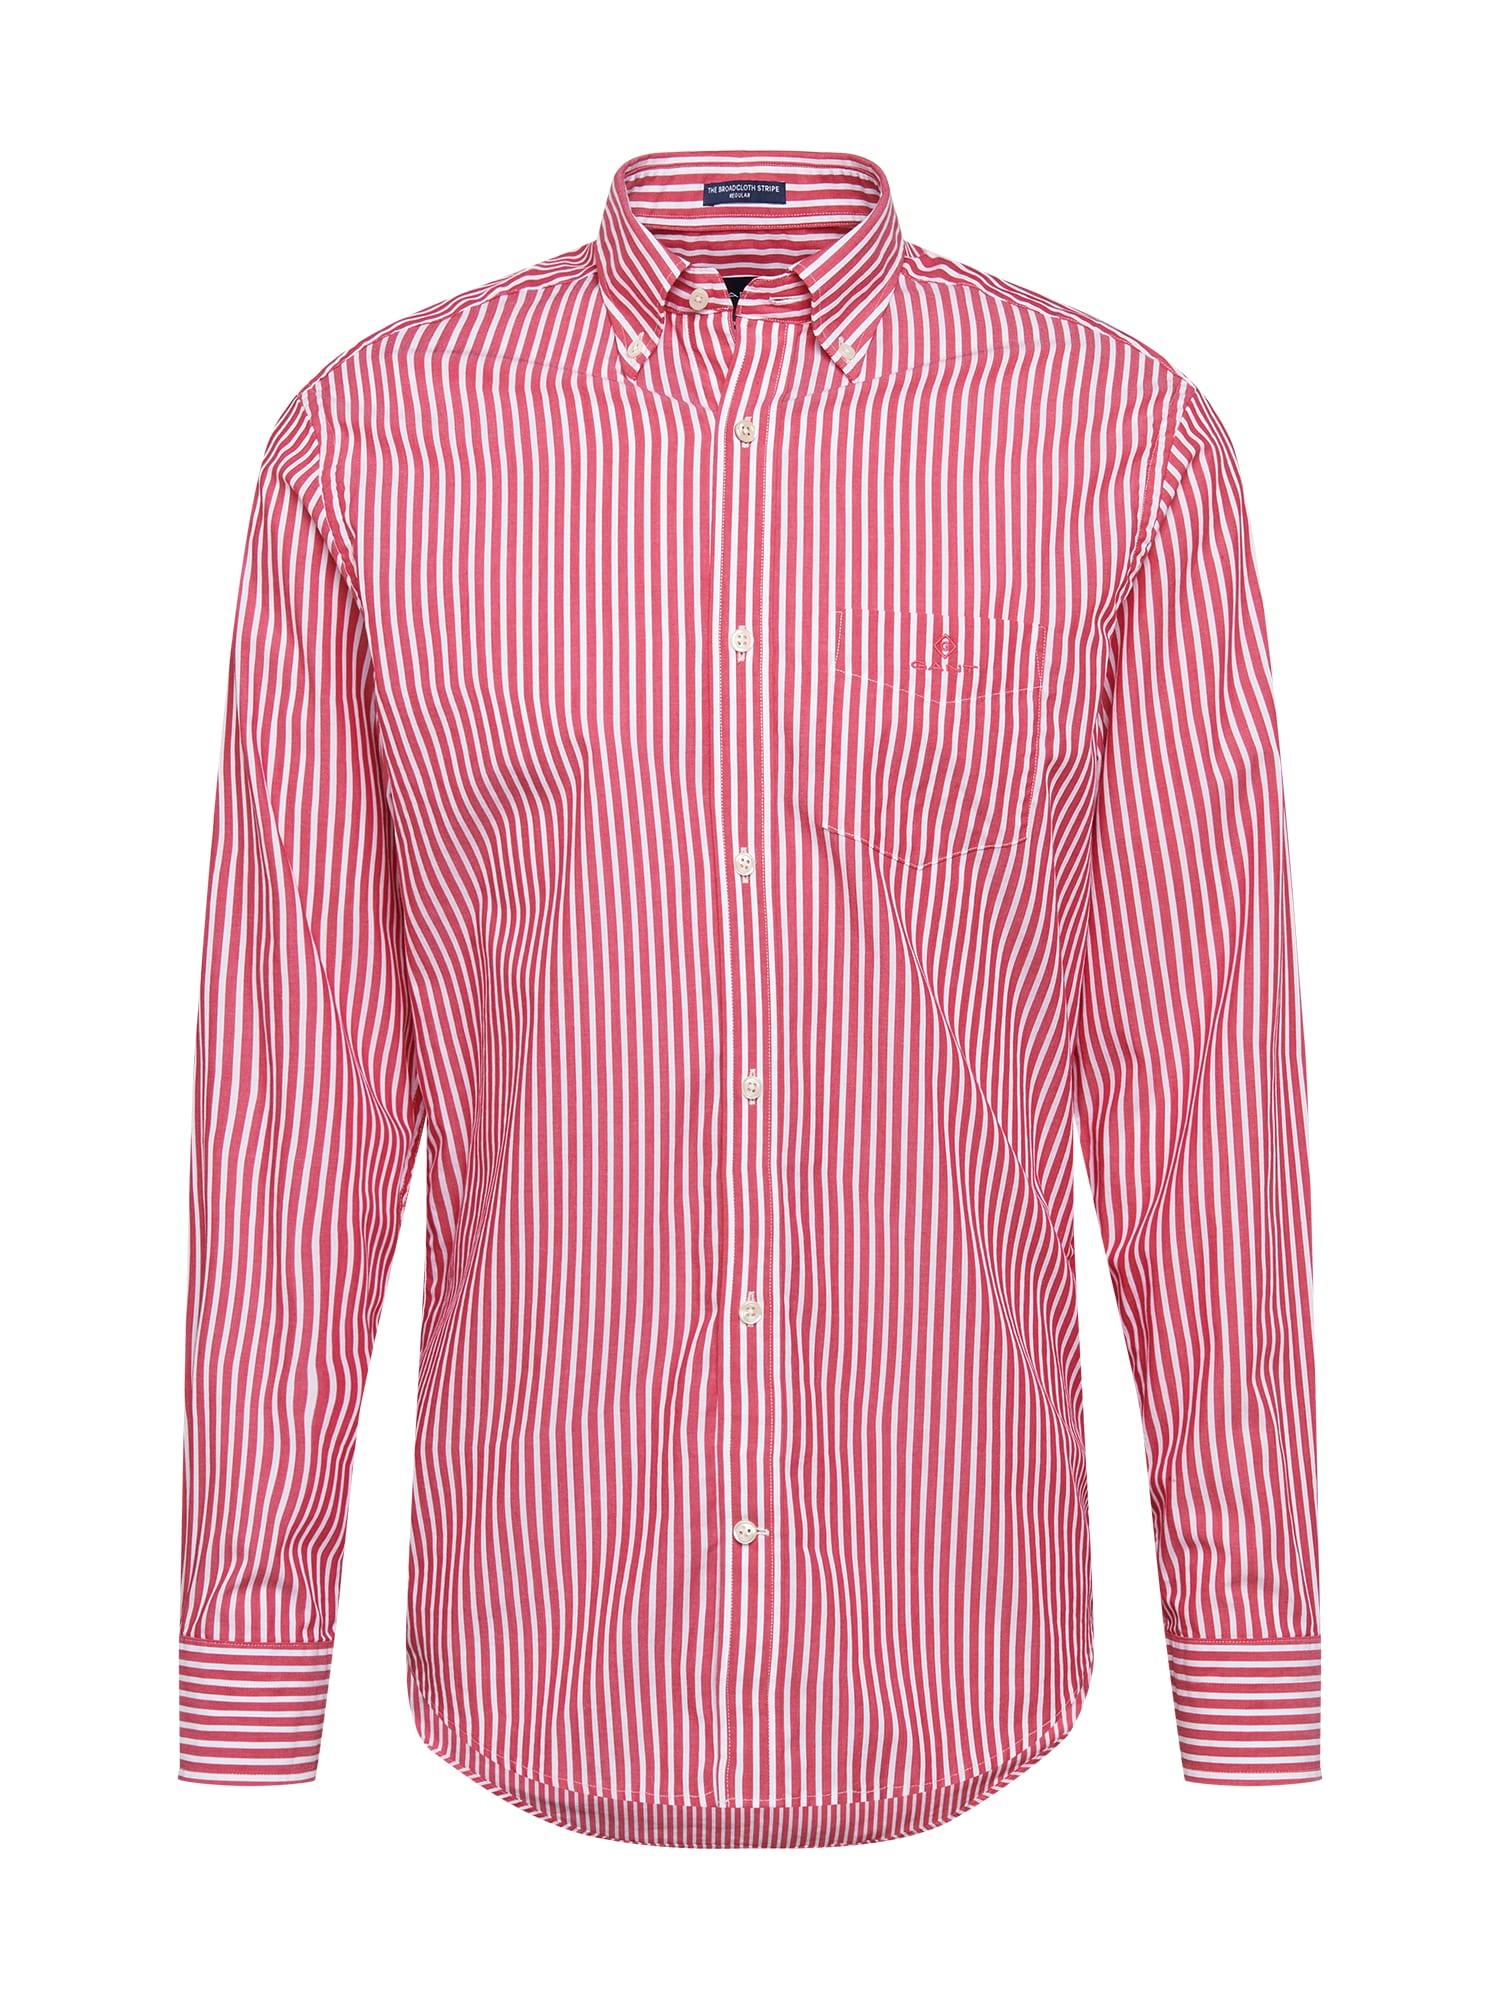 GANT Marškiniai raudona / margai rožinė